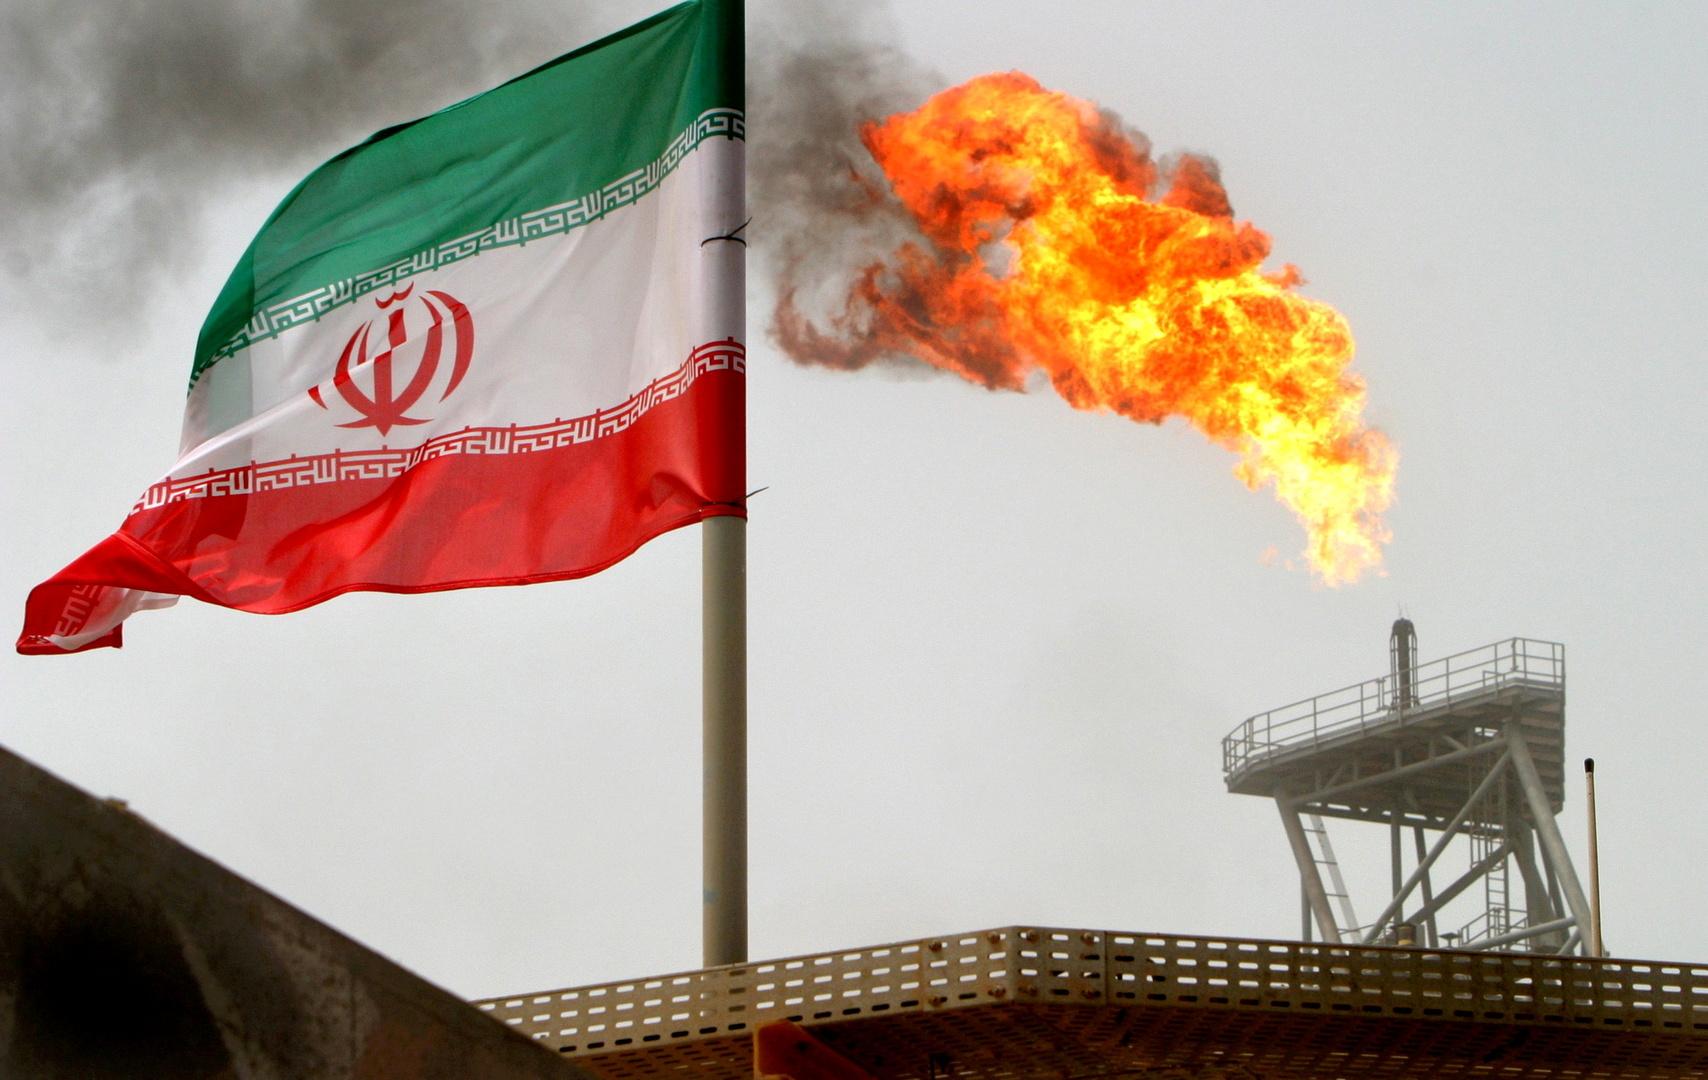 رئيس غرفة تجارة طهرانينفي تصريحات عن صادرات النفط الإيرانية